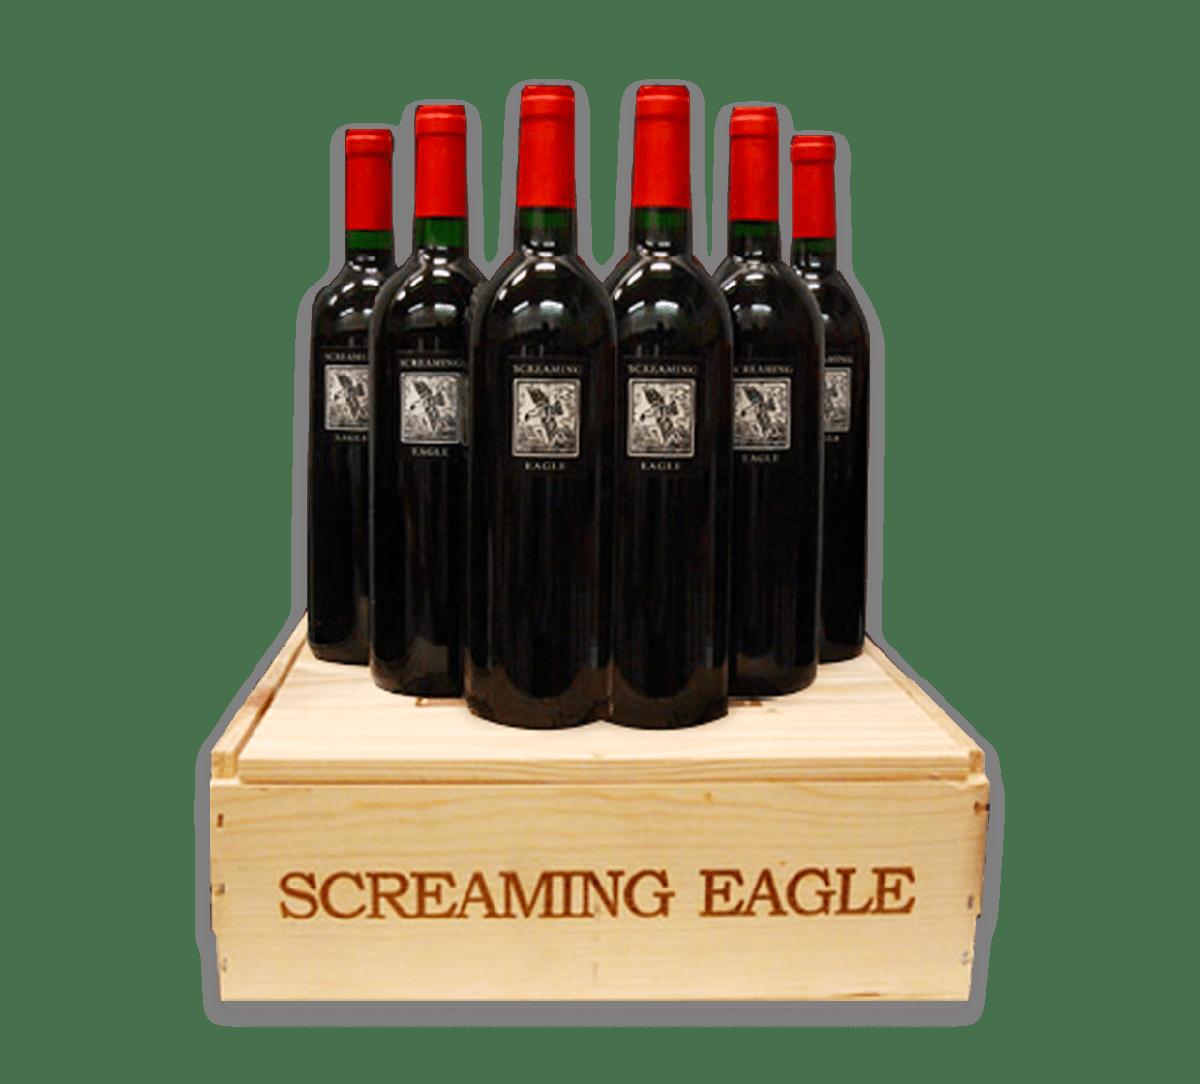 Screaming Eagle Image